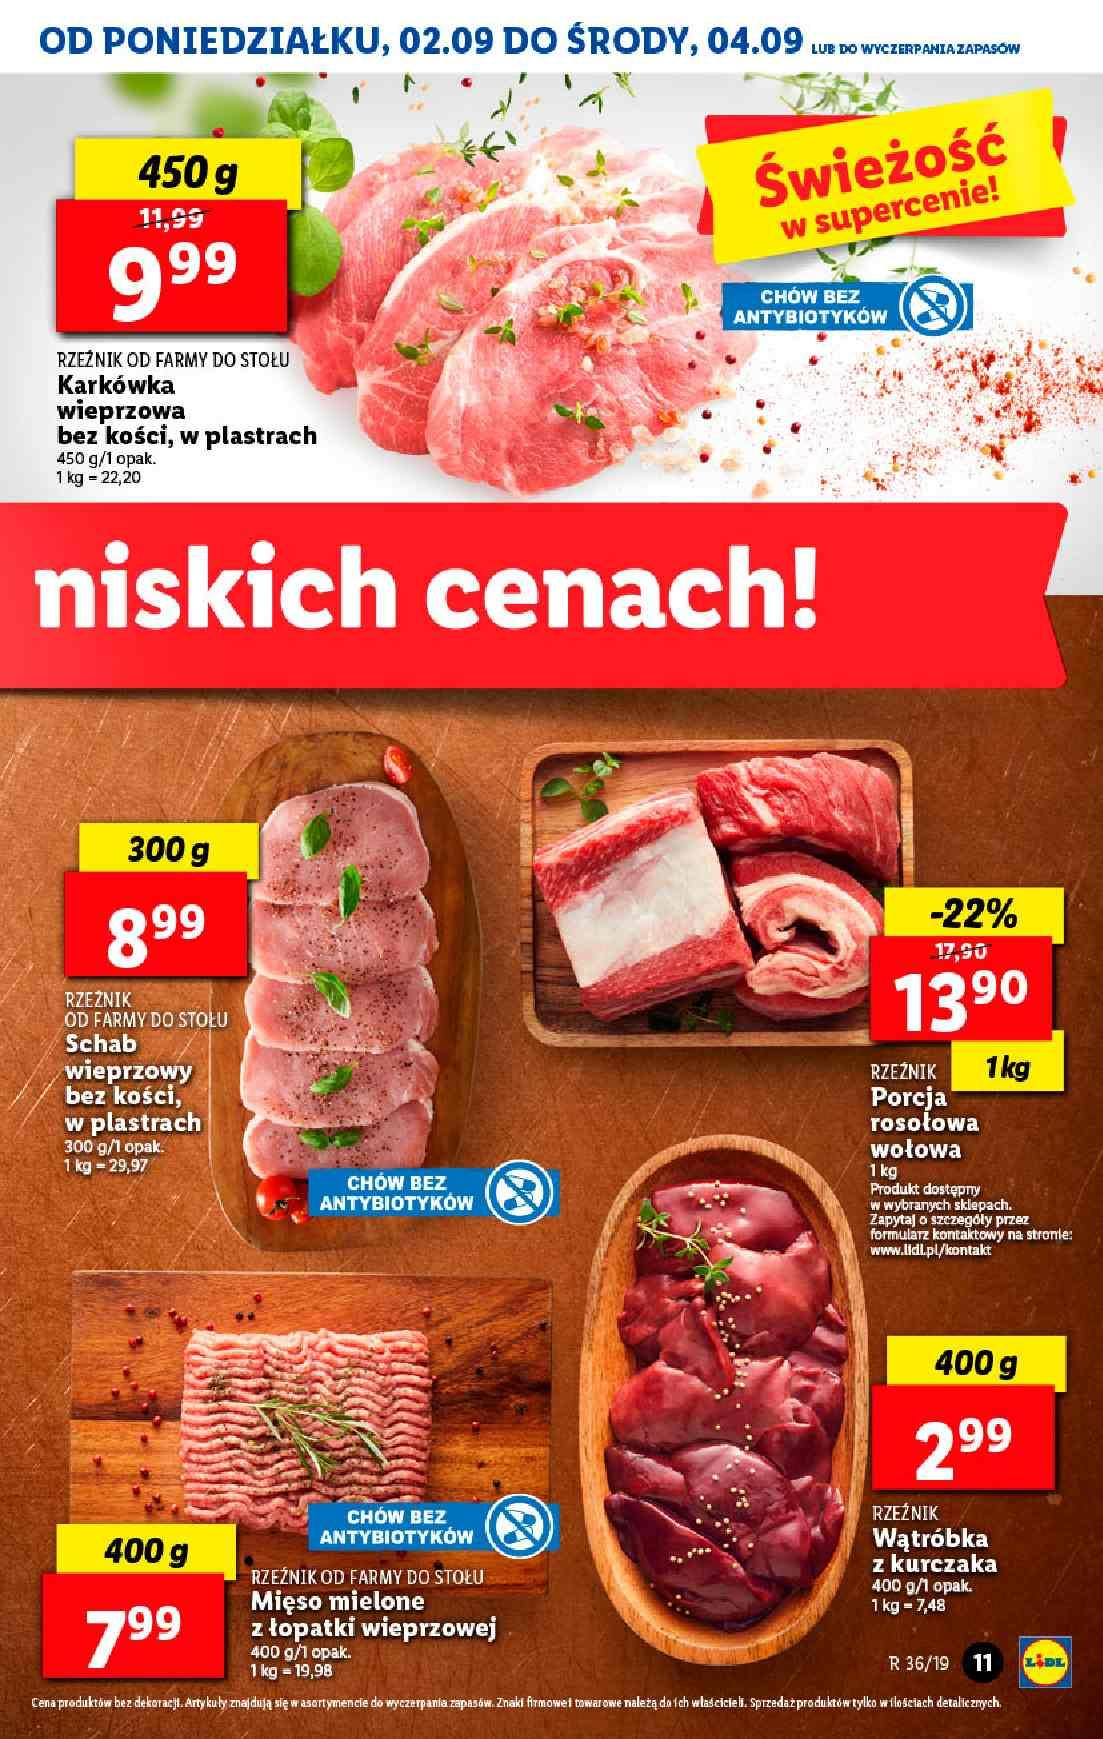 Gazetka promocyjna Lidl do 04/09/2019 str.10